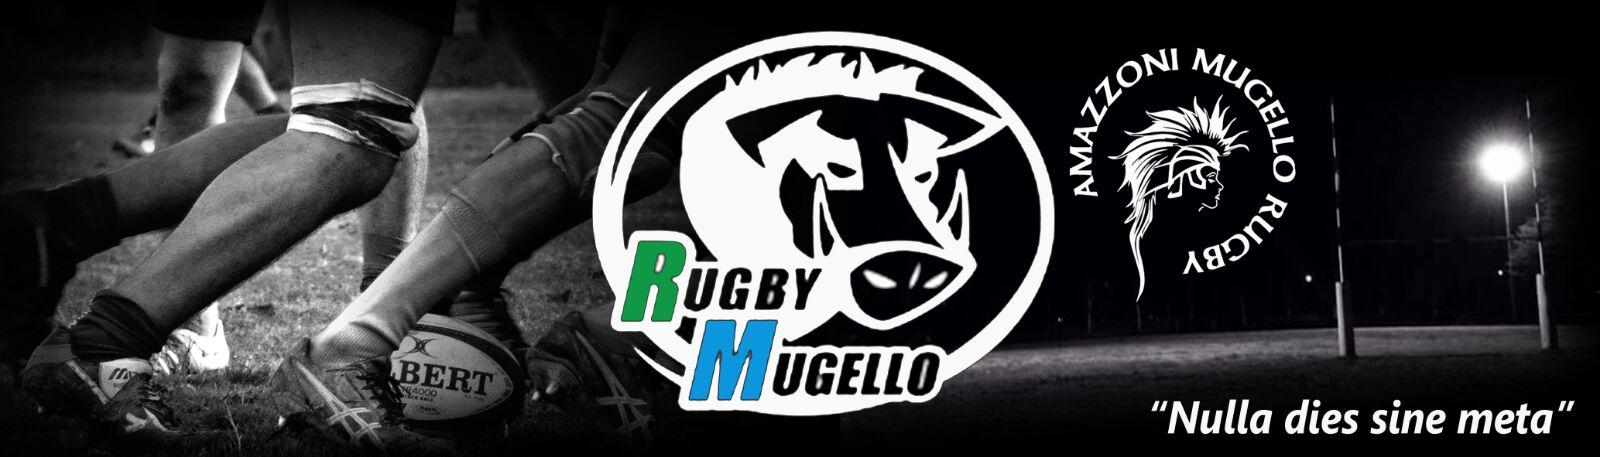 Sito ufficiale Rugby Mugello ASD